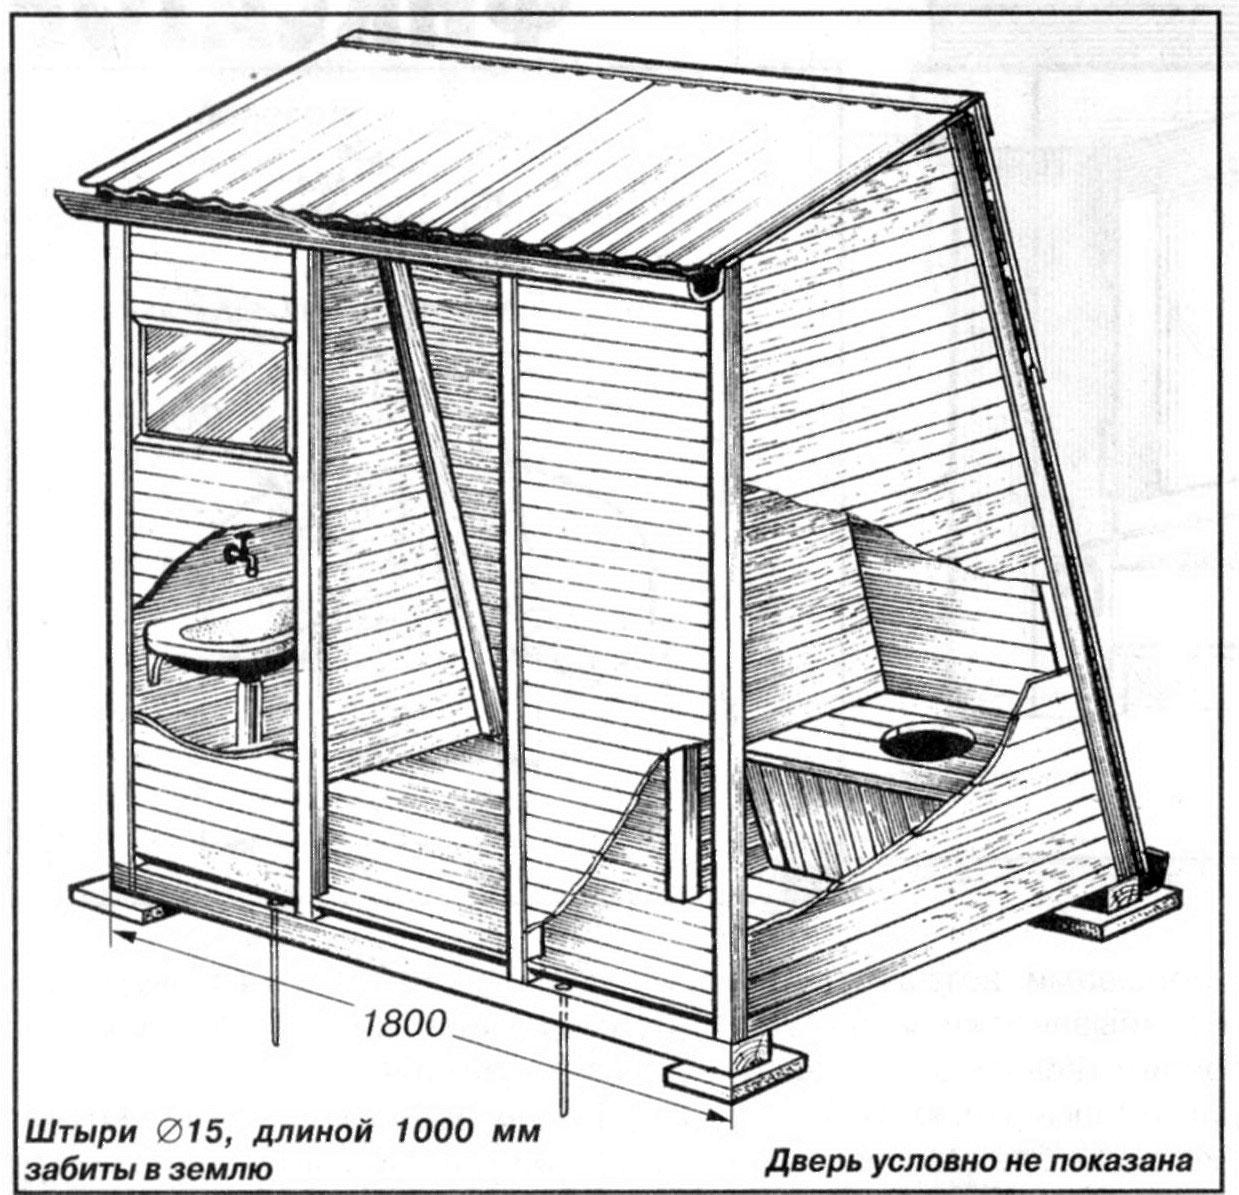 Вагончики-бытовки: фото, размеры и вес конструкции 59